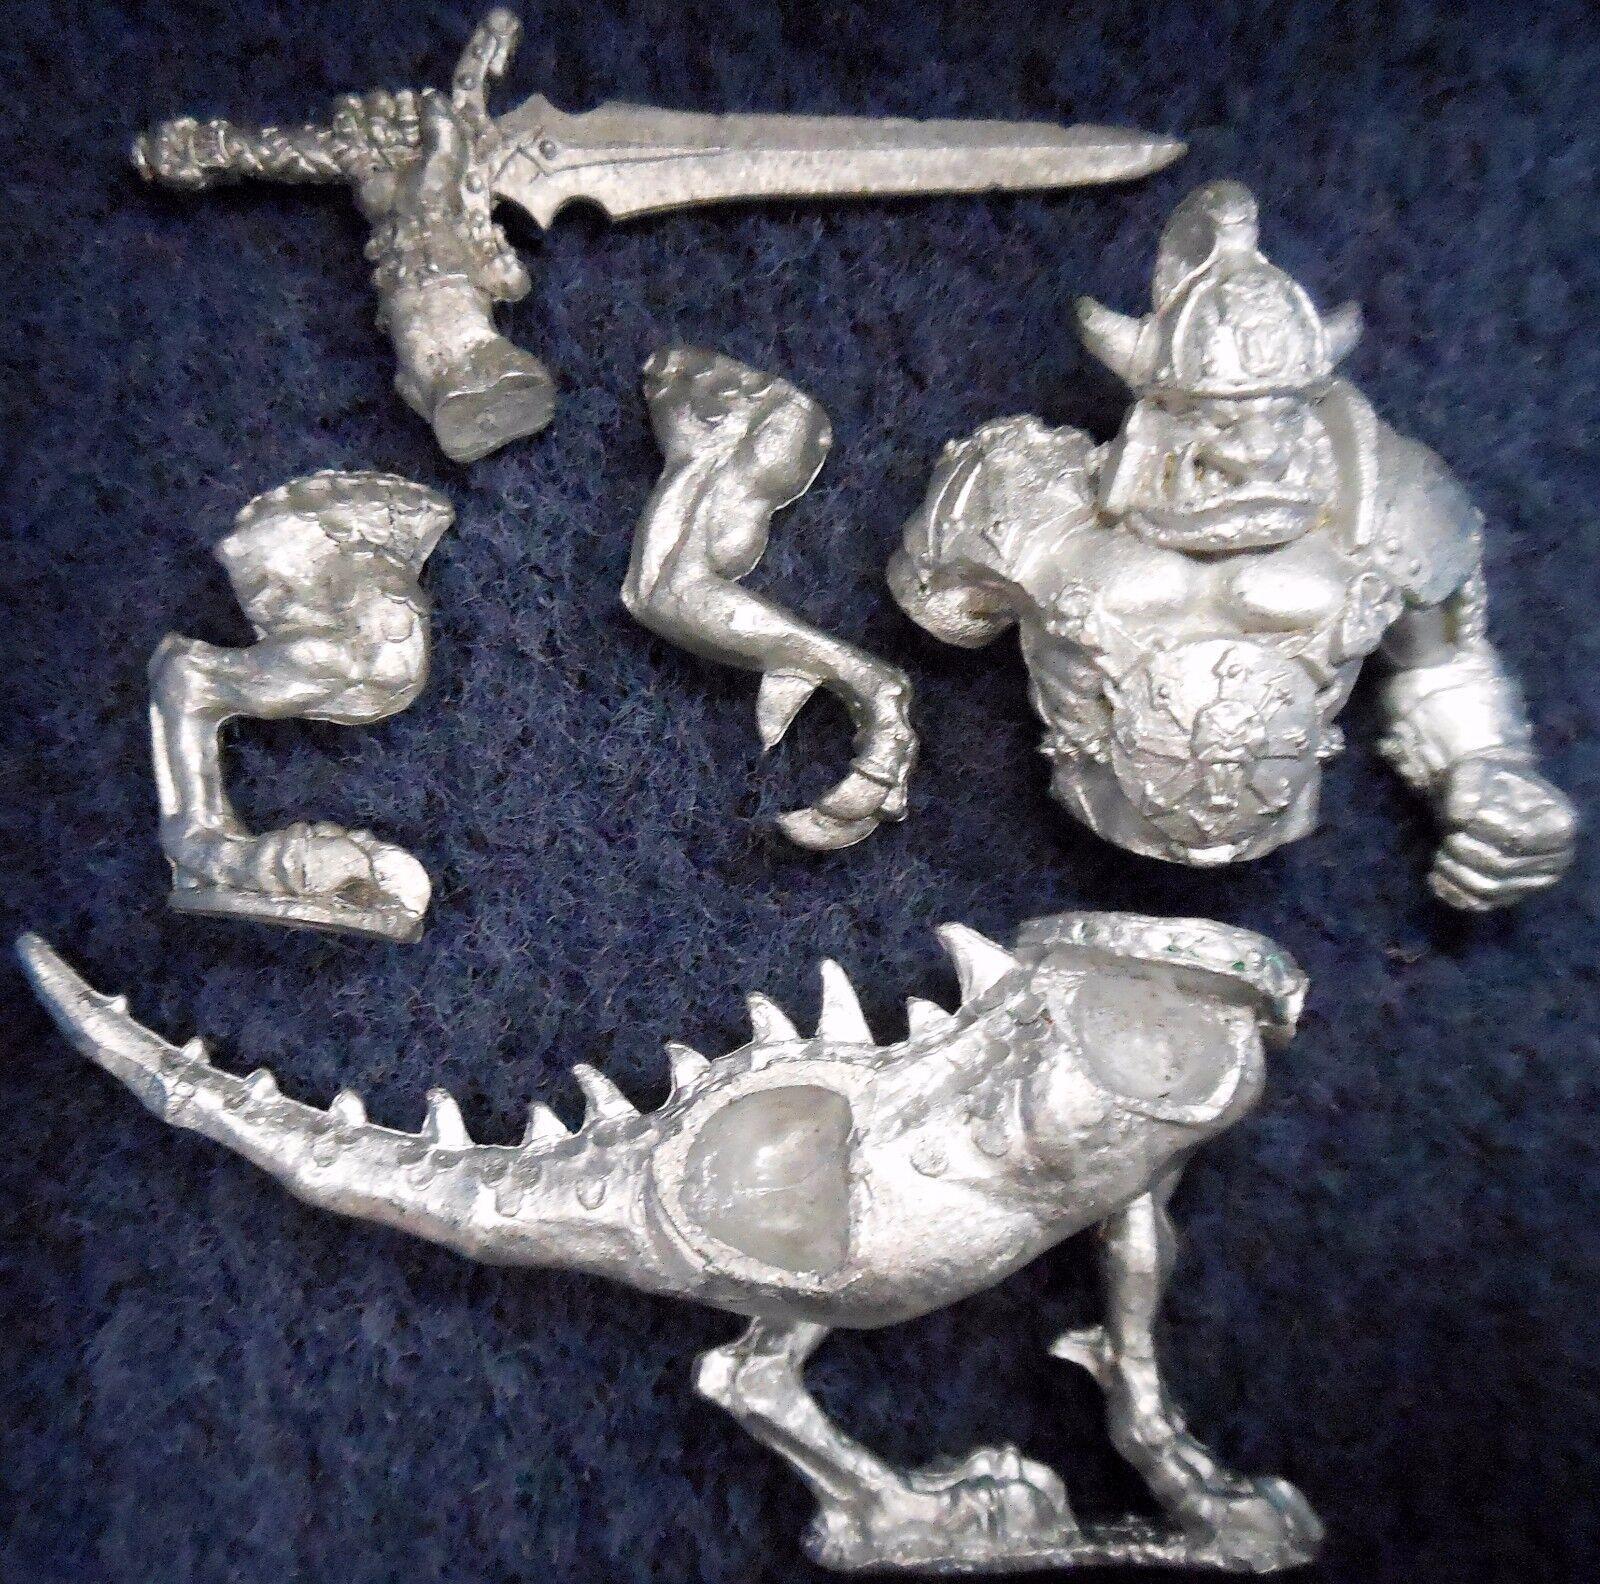 1994 Chaos Dragon Ogre A1 Games Workshop Citadel Warhammer Army Ogor Cavalry GW